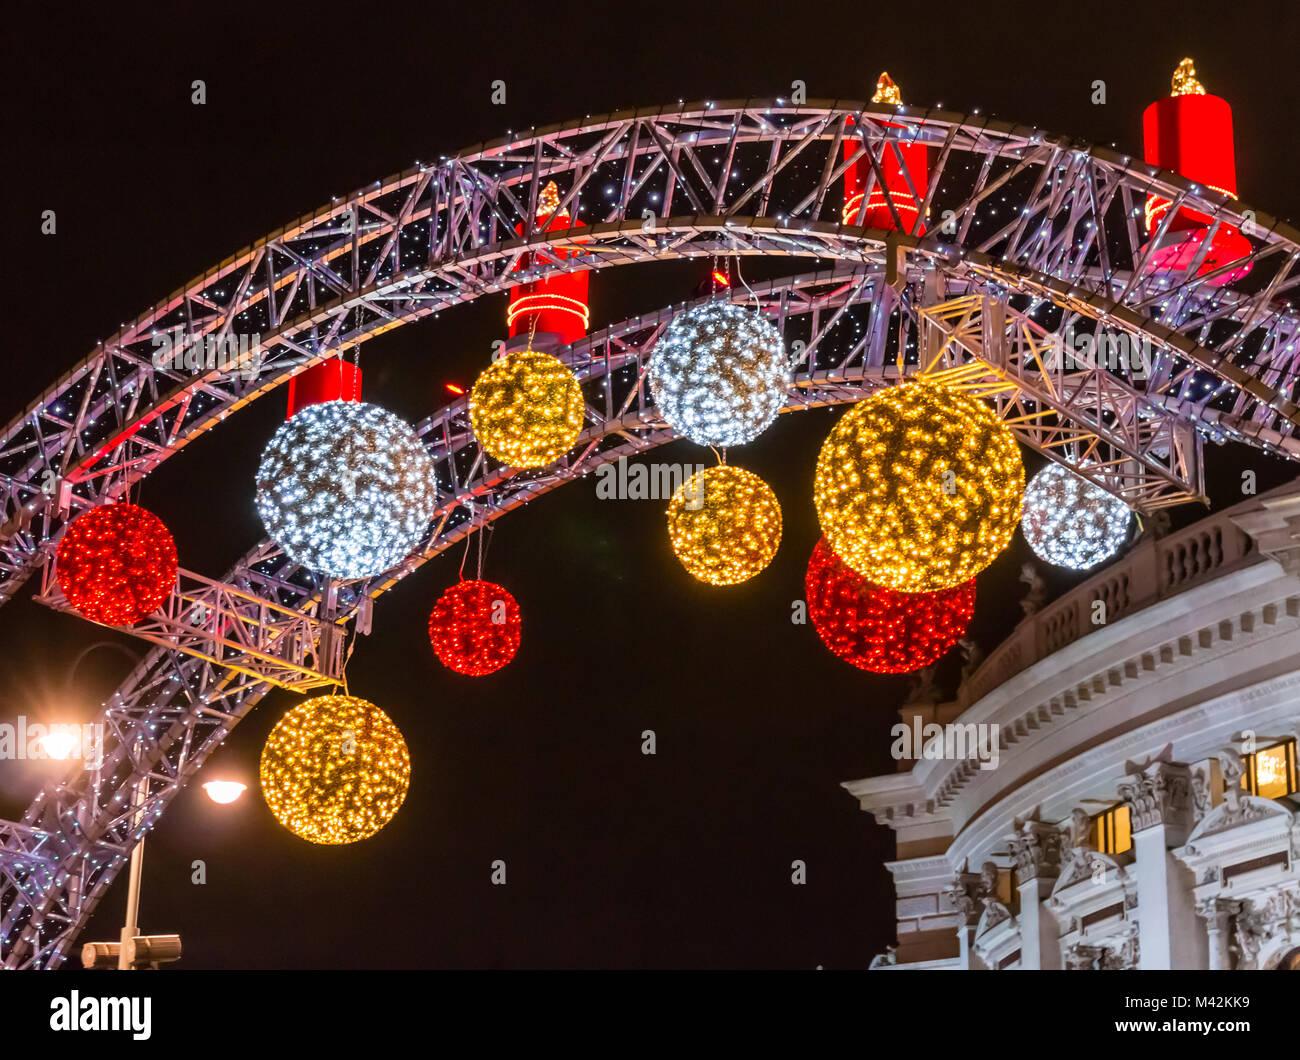 Beleuchtete Weihnachtskugeln.Rot Gold Und Weiss Beleuchtete Weihnachtskugeln Und